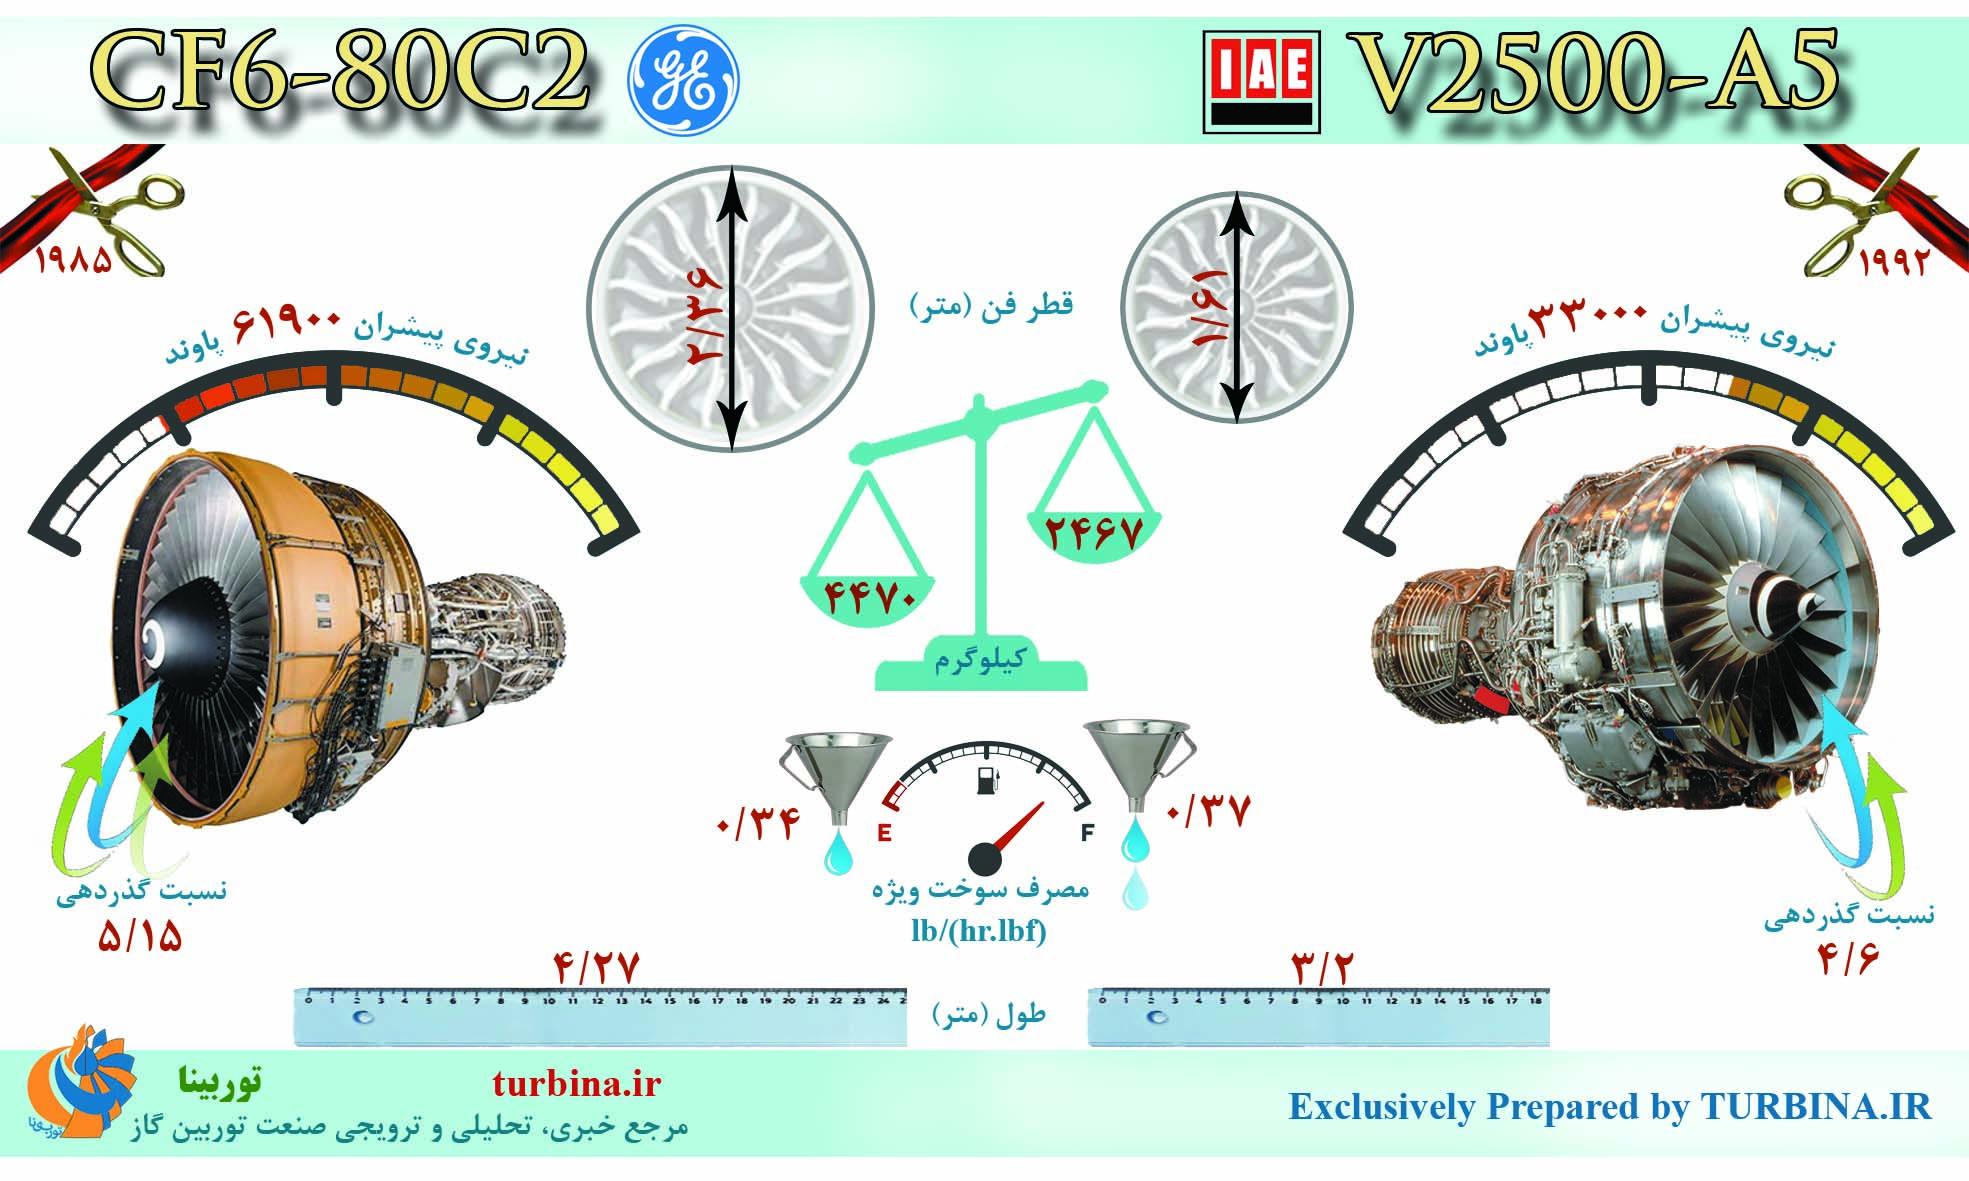 مقایسه موتورهای V2500-A5 و CF6-80C2